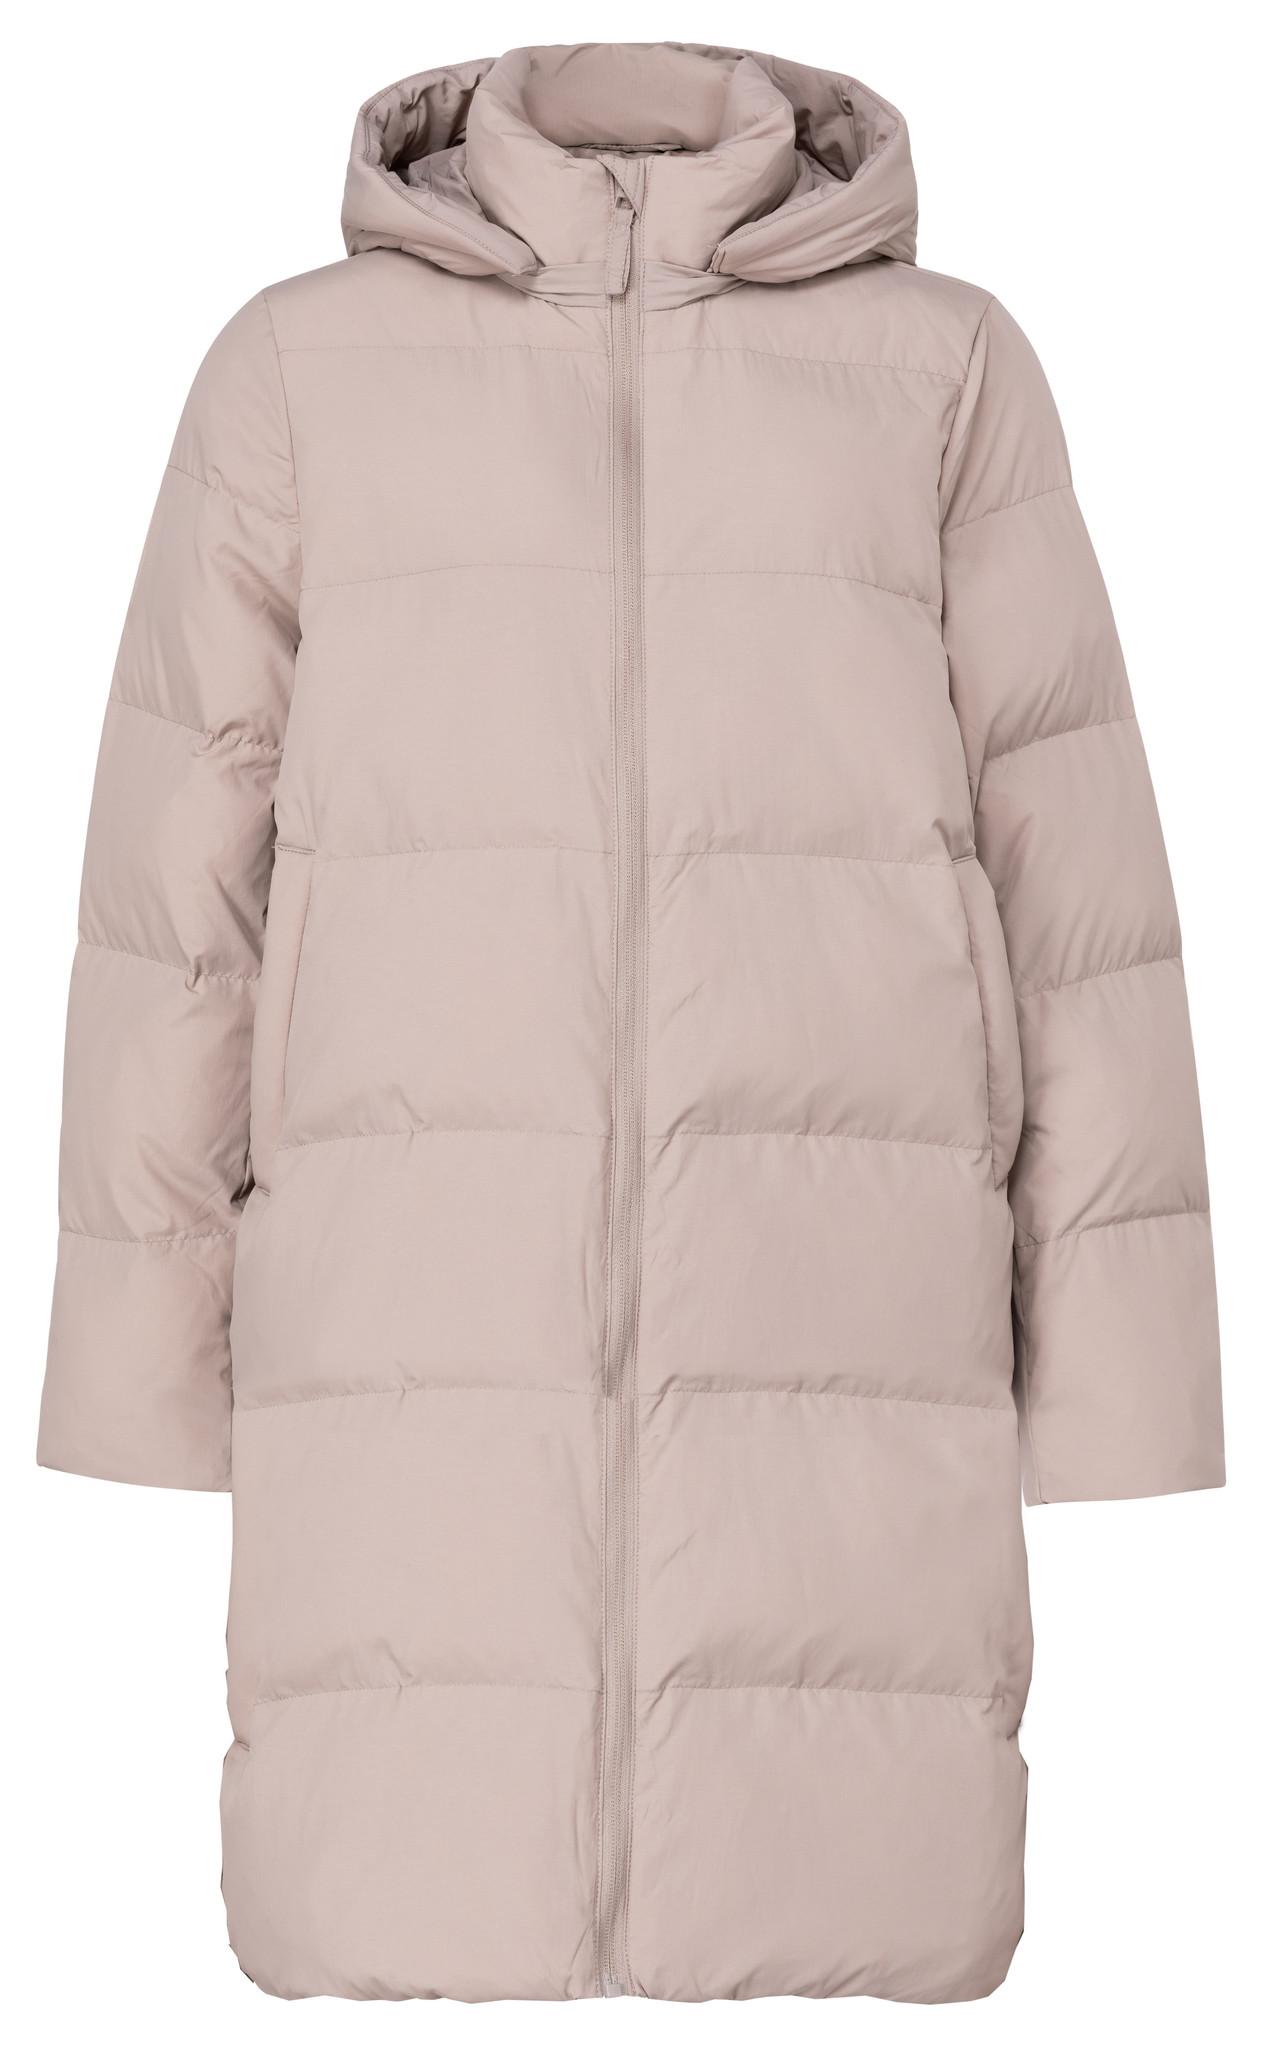 yaya Long puffer jacket 1621035-123-2